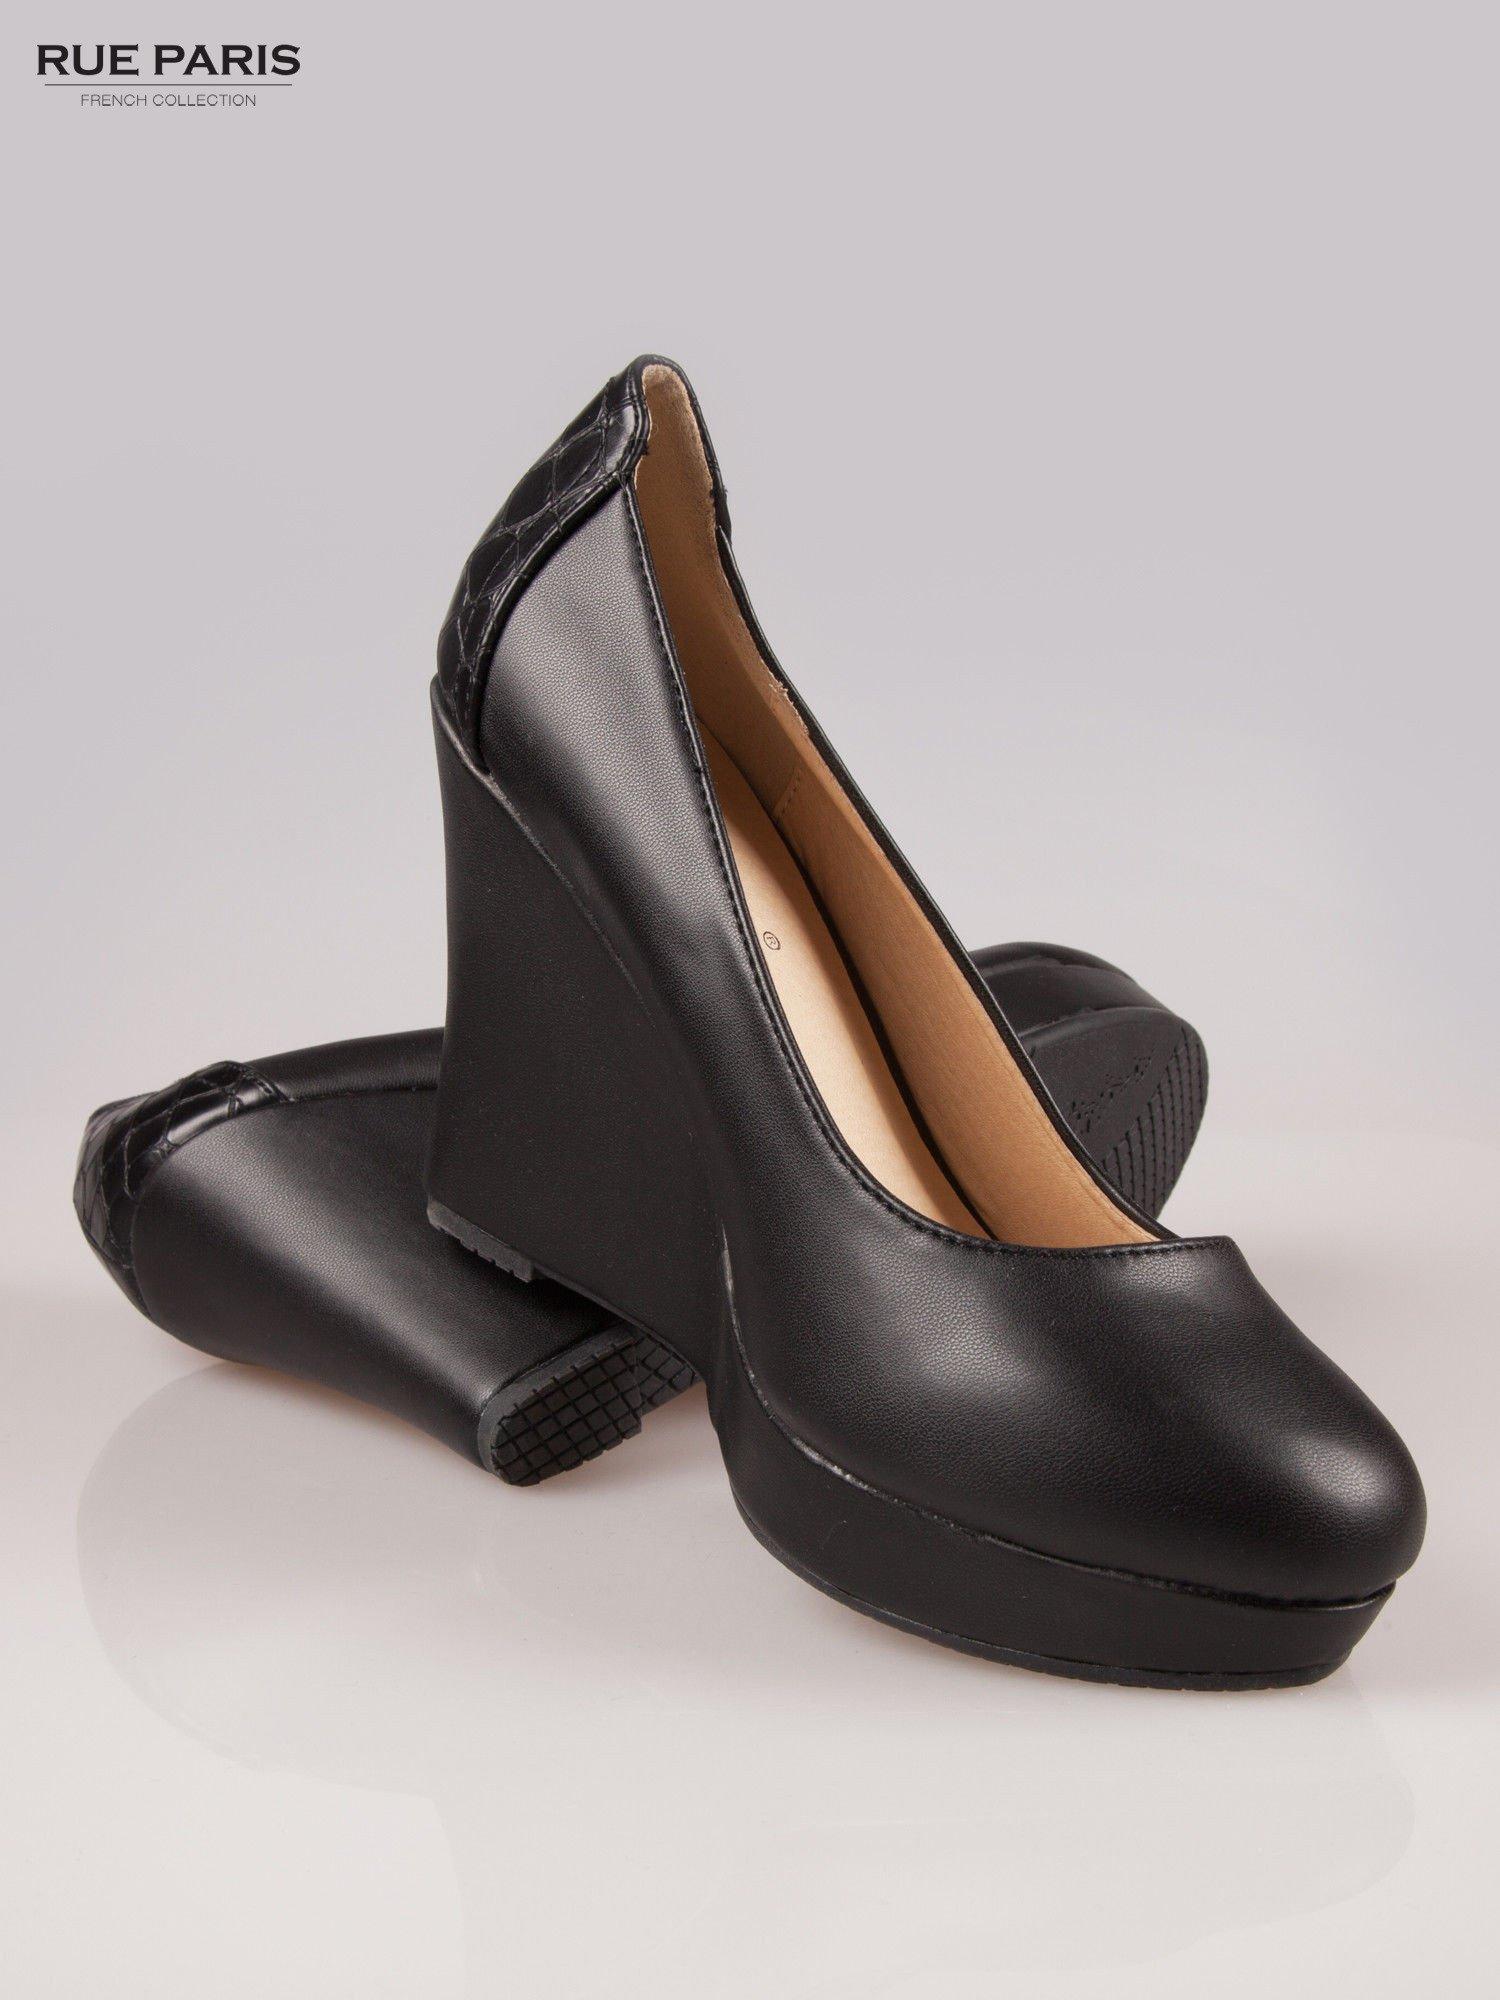 Czarne koturny faux leather Good Luck z ozdobnym tyłem ze skóry krokodyla                                  zdj.                                  4